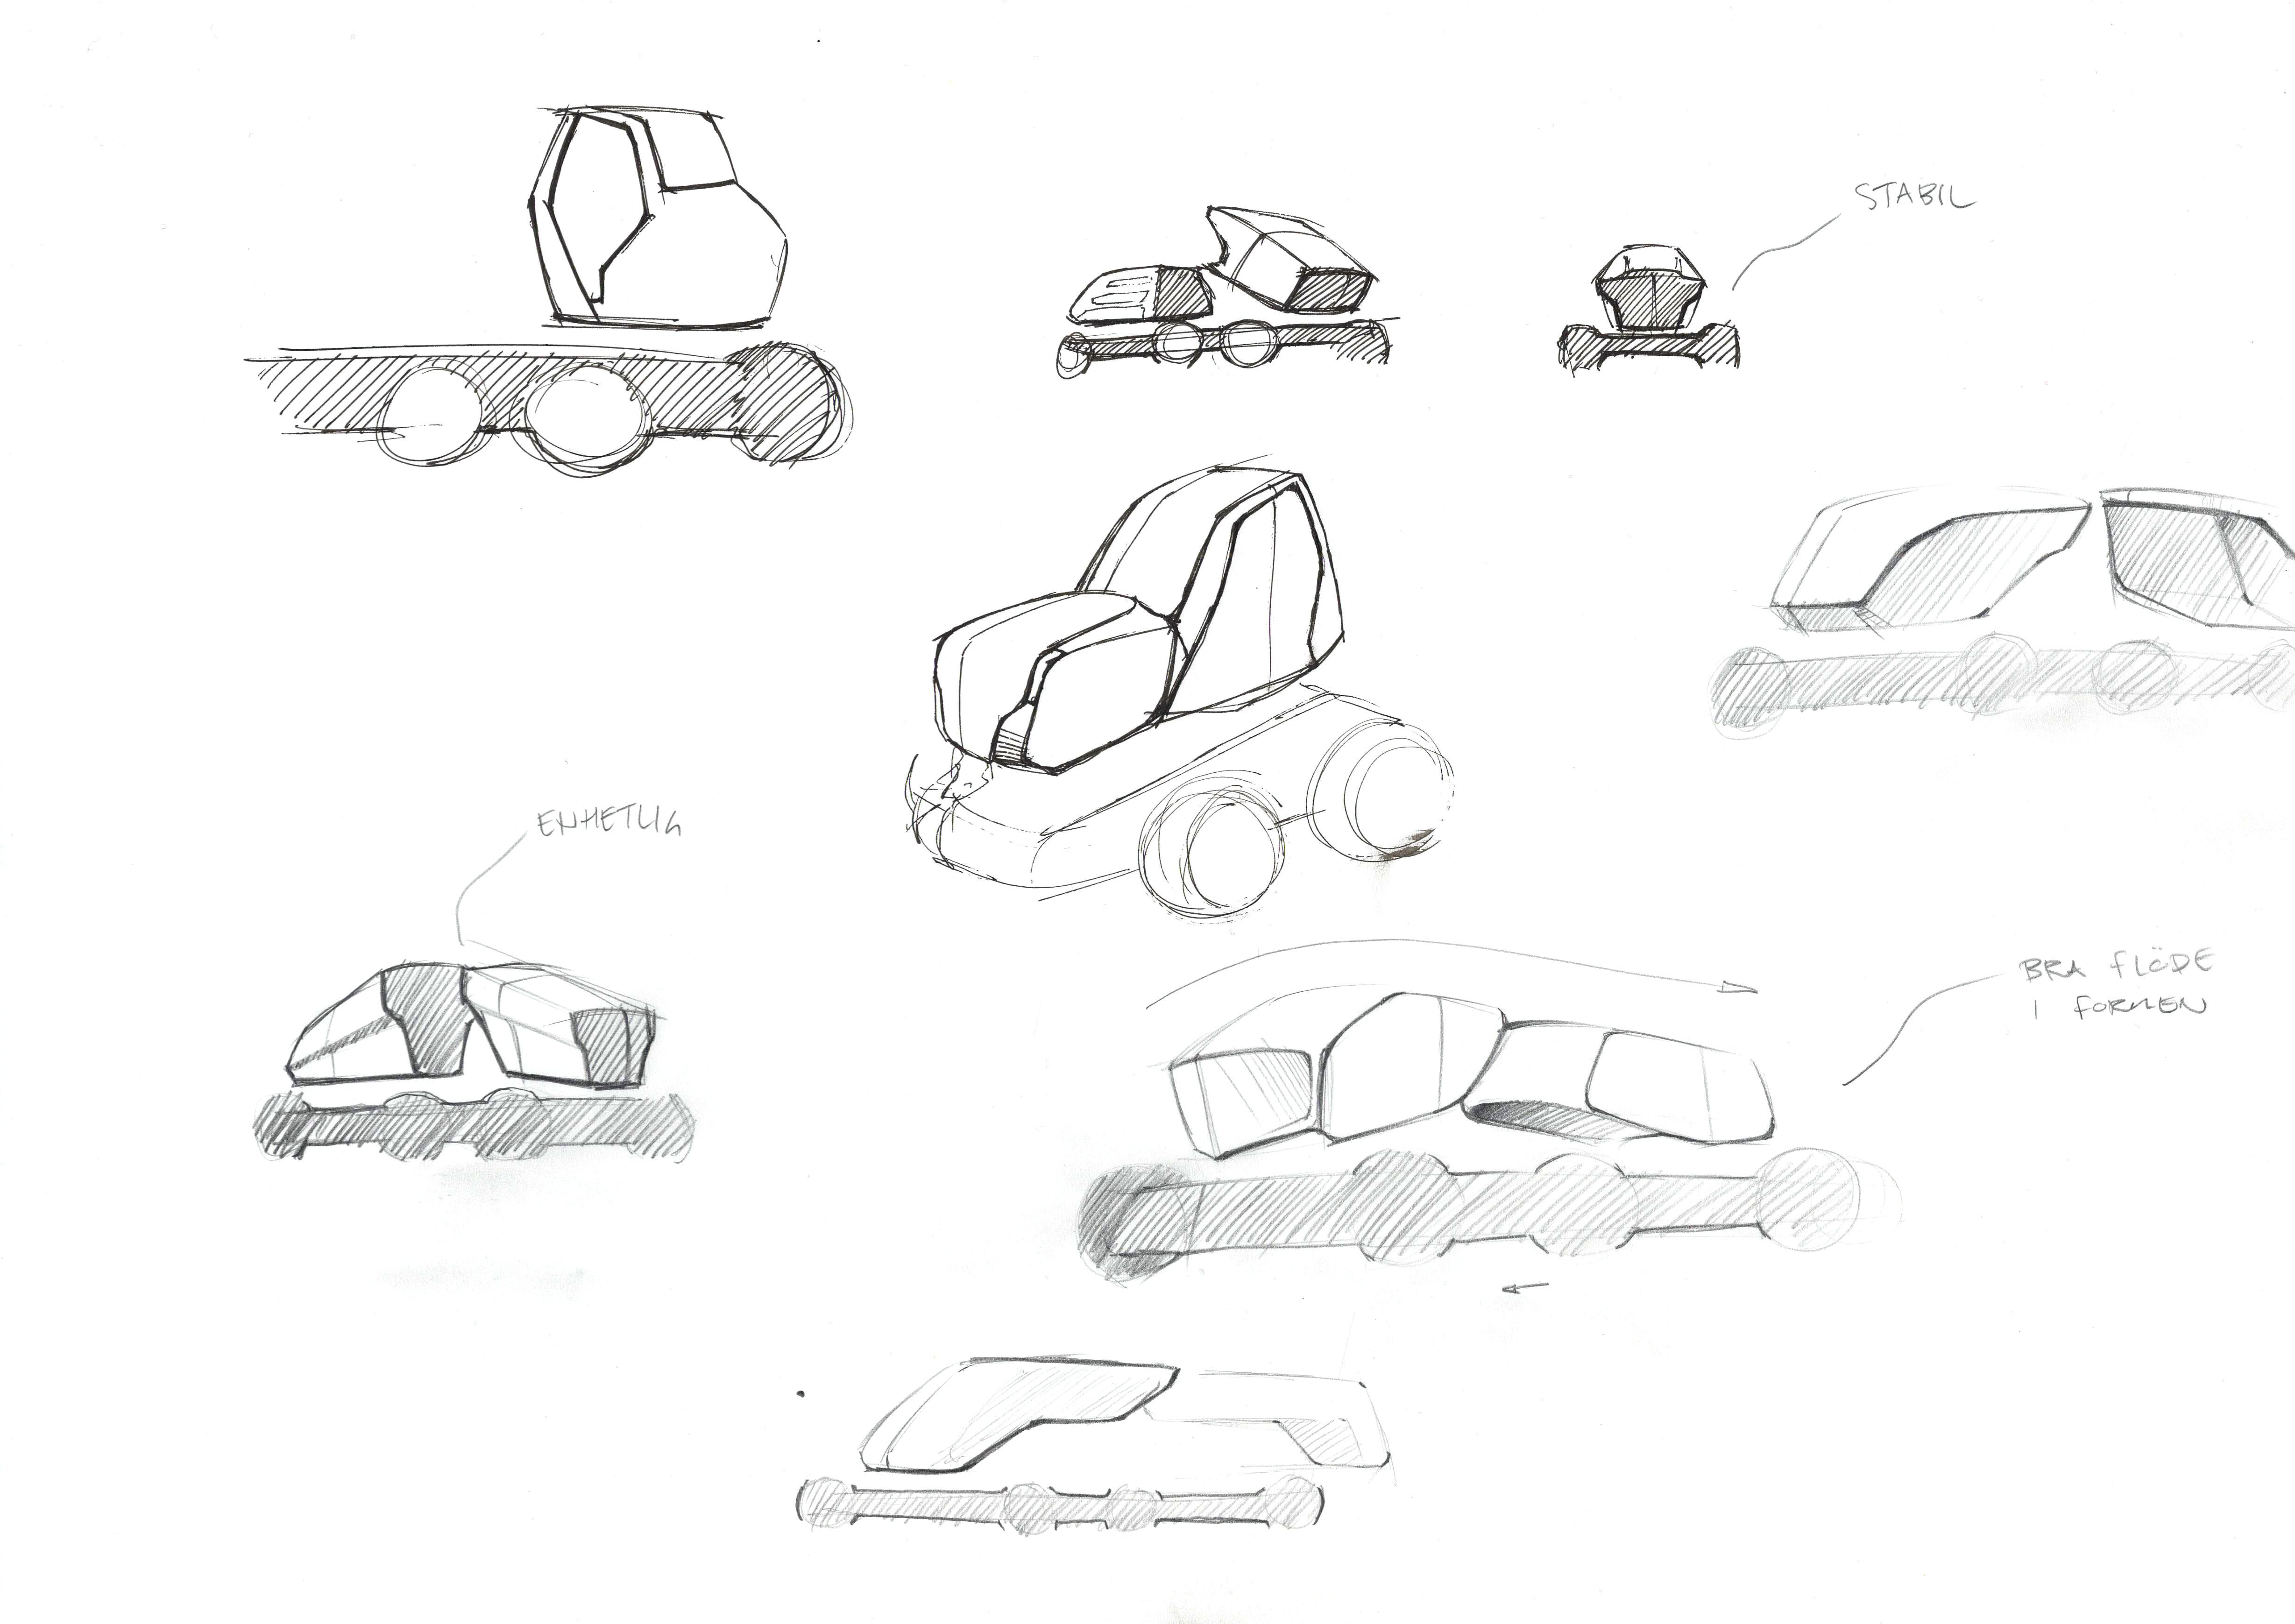 komatsu sketch 3